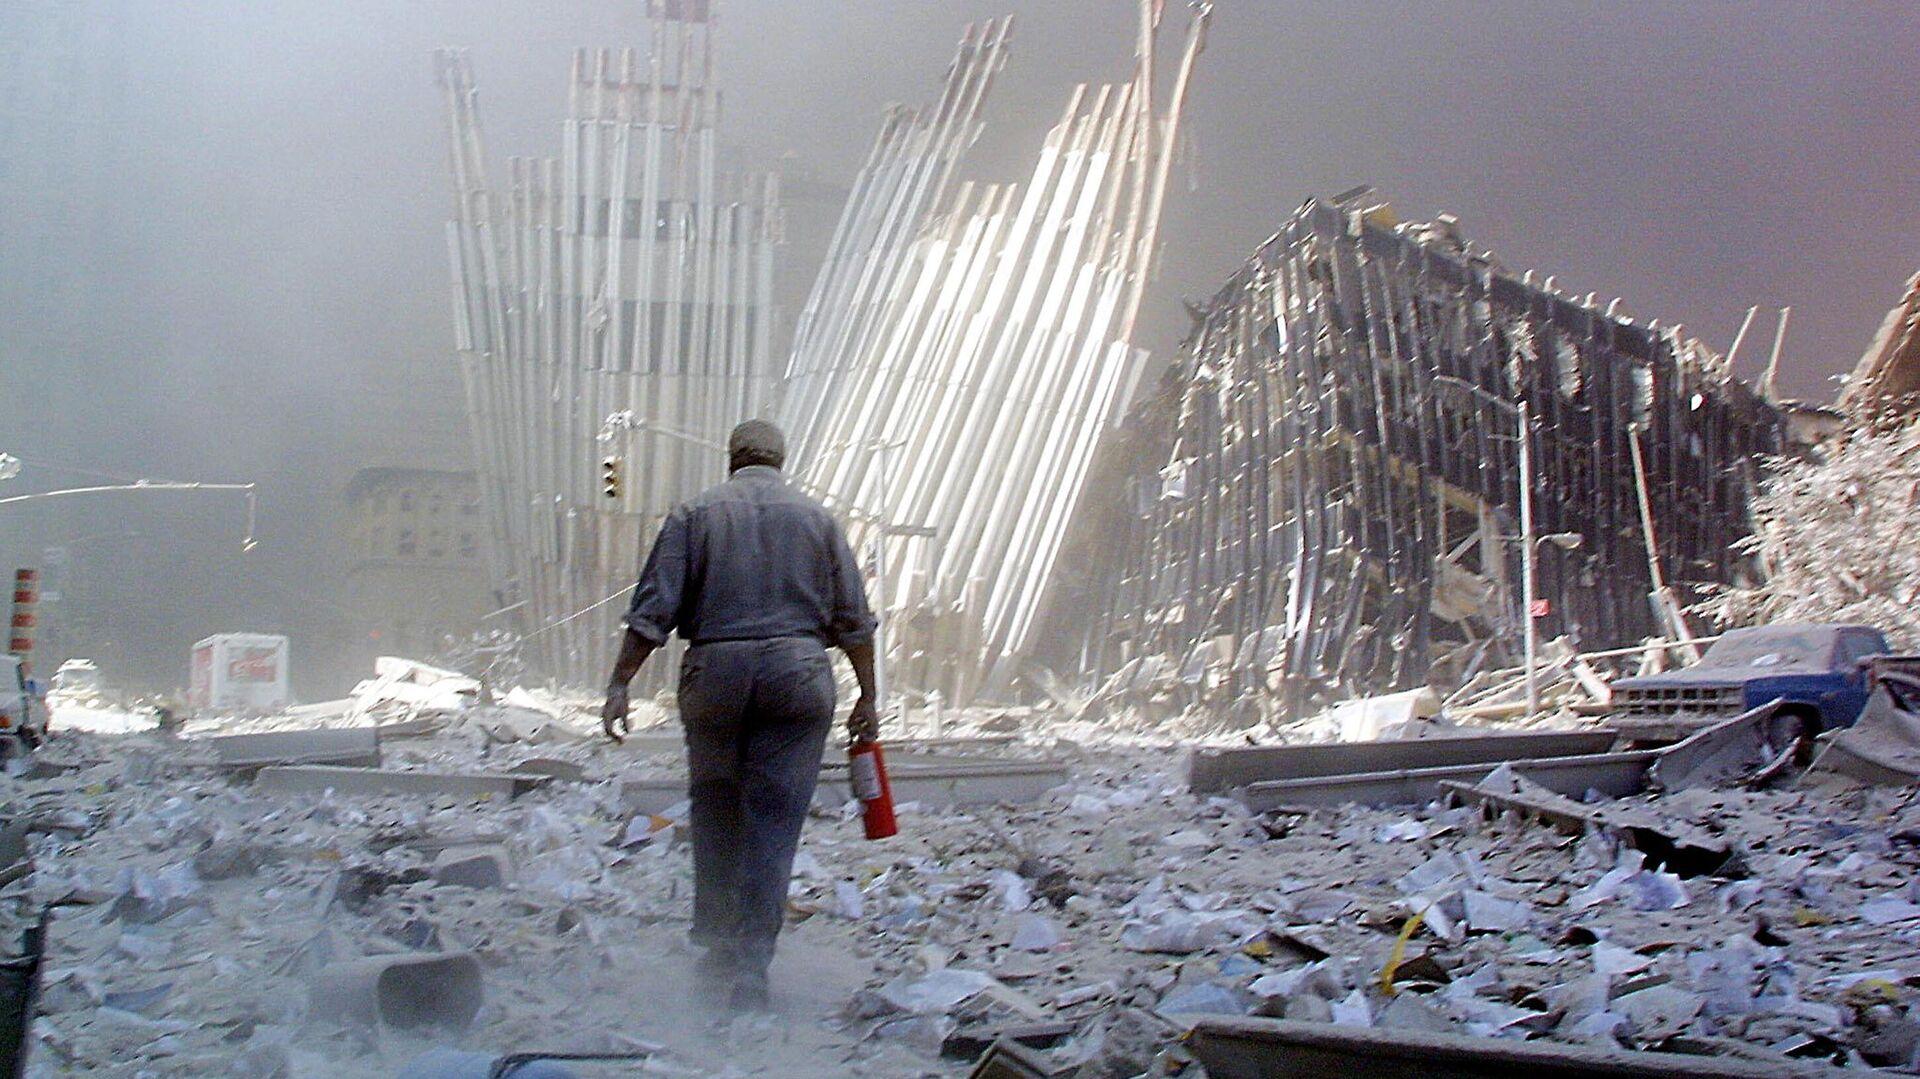 Мужчина с огнетушителем на месте атаки Всемирного торгового центра 11 сентября в Нью-Йорке  - Sputnik Latvija, 1920, 18.09.2021